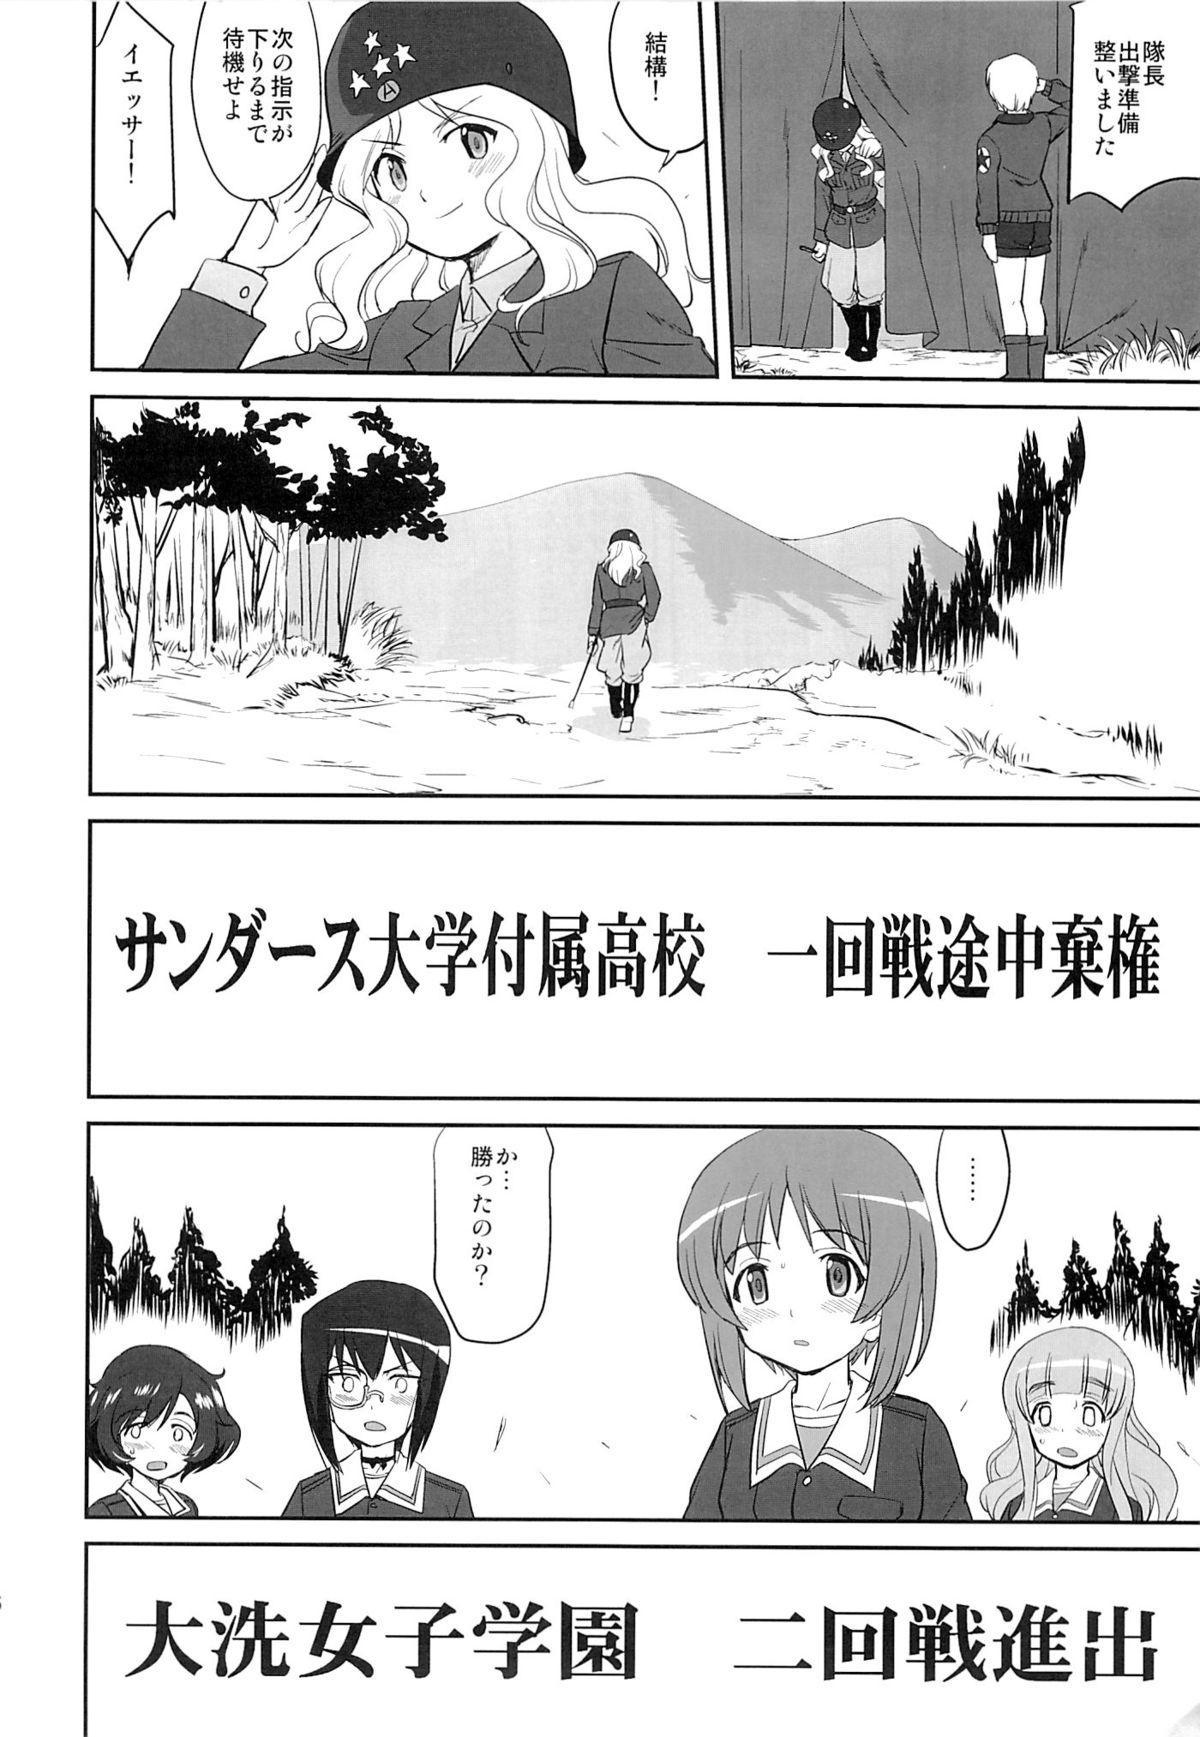 Yukiyukite Senshadou 52